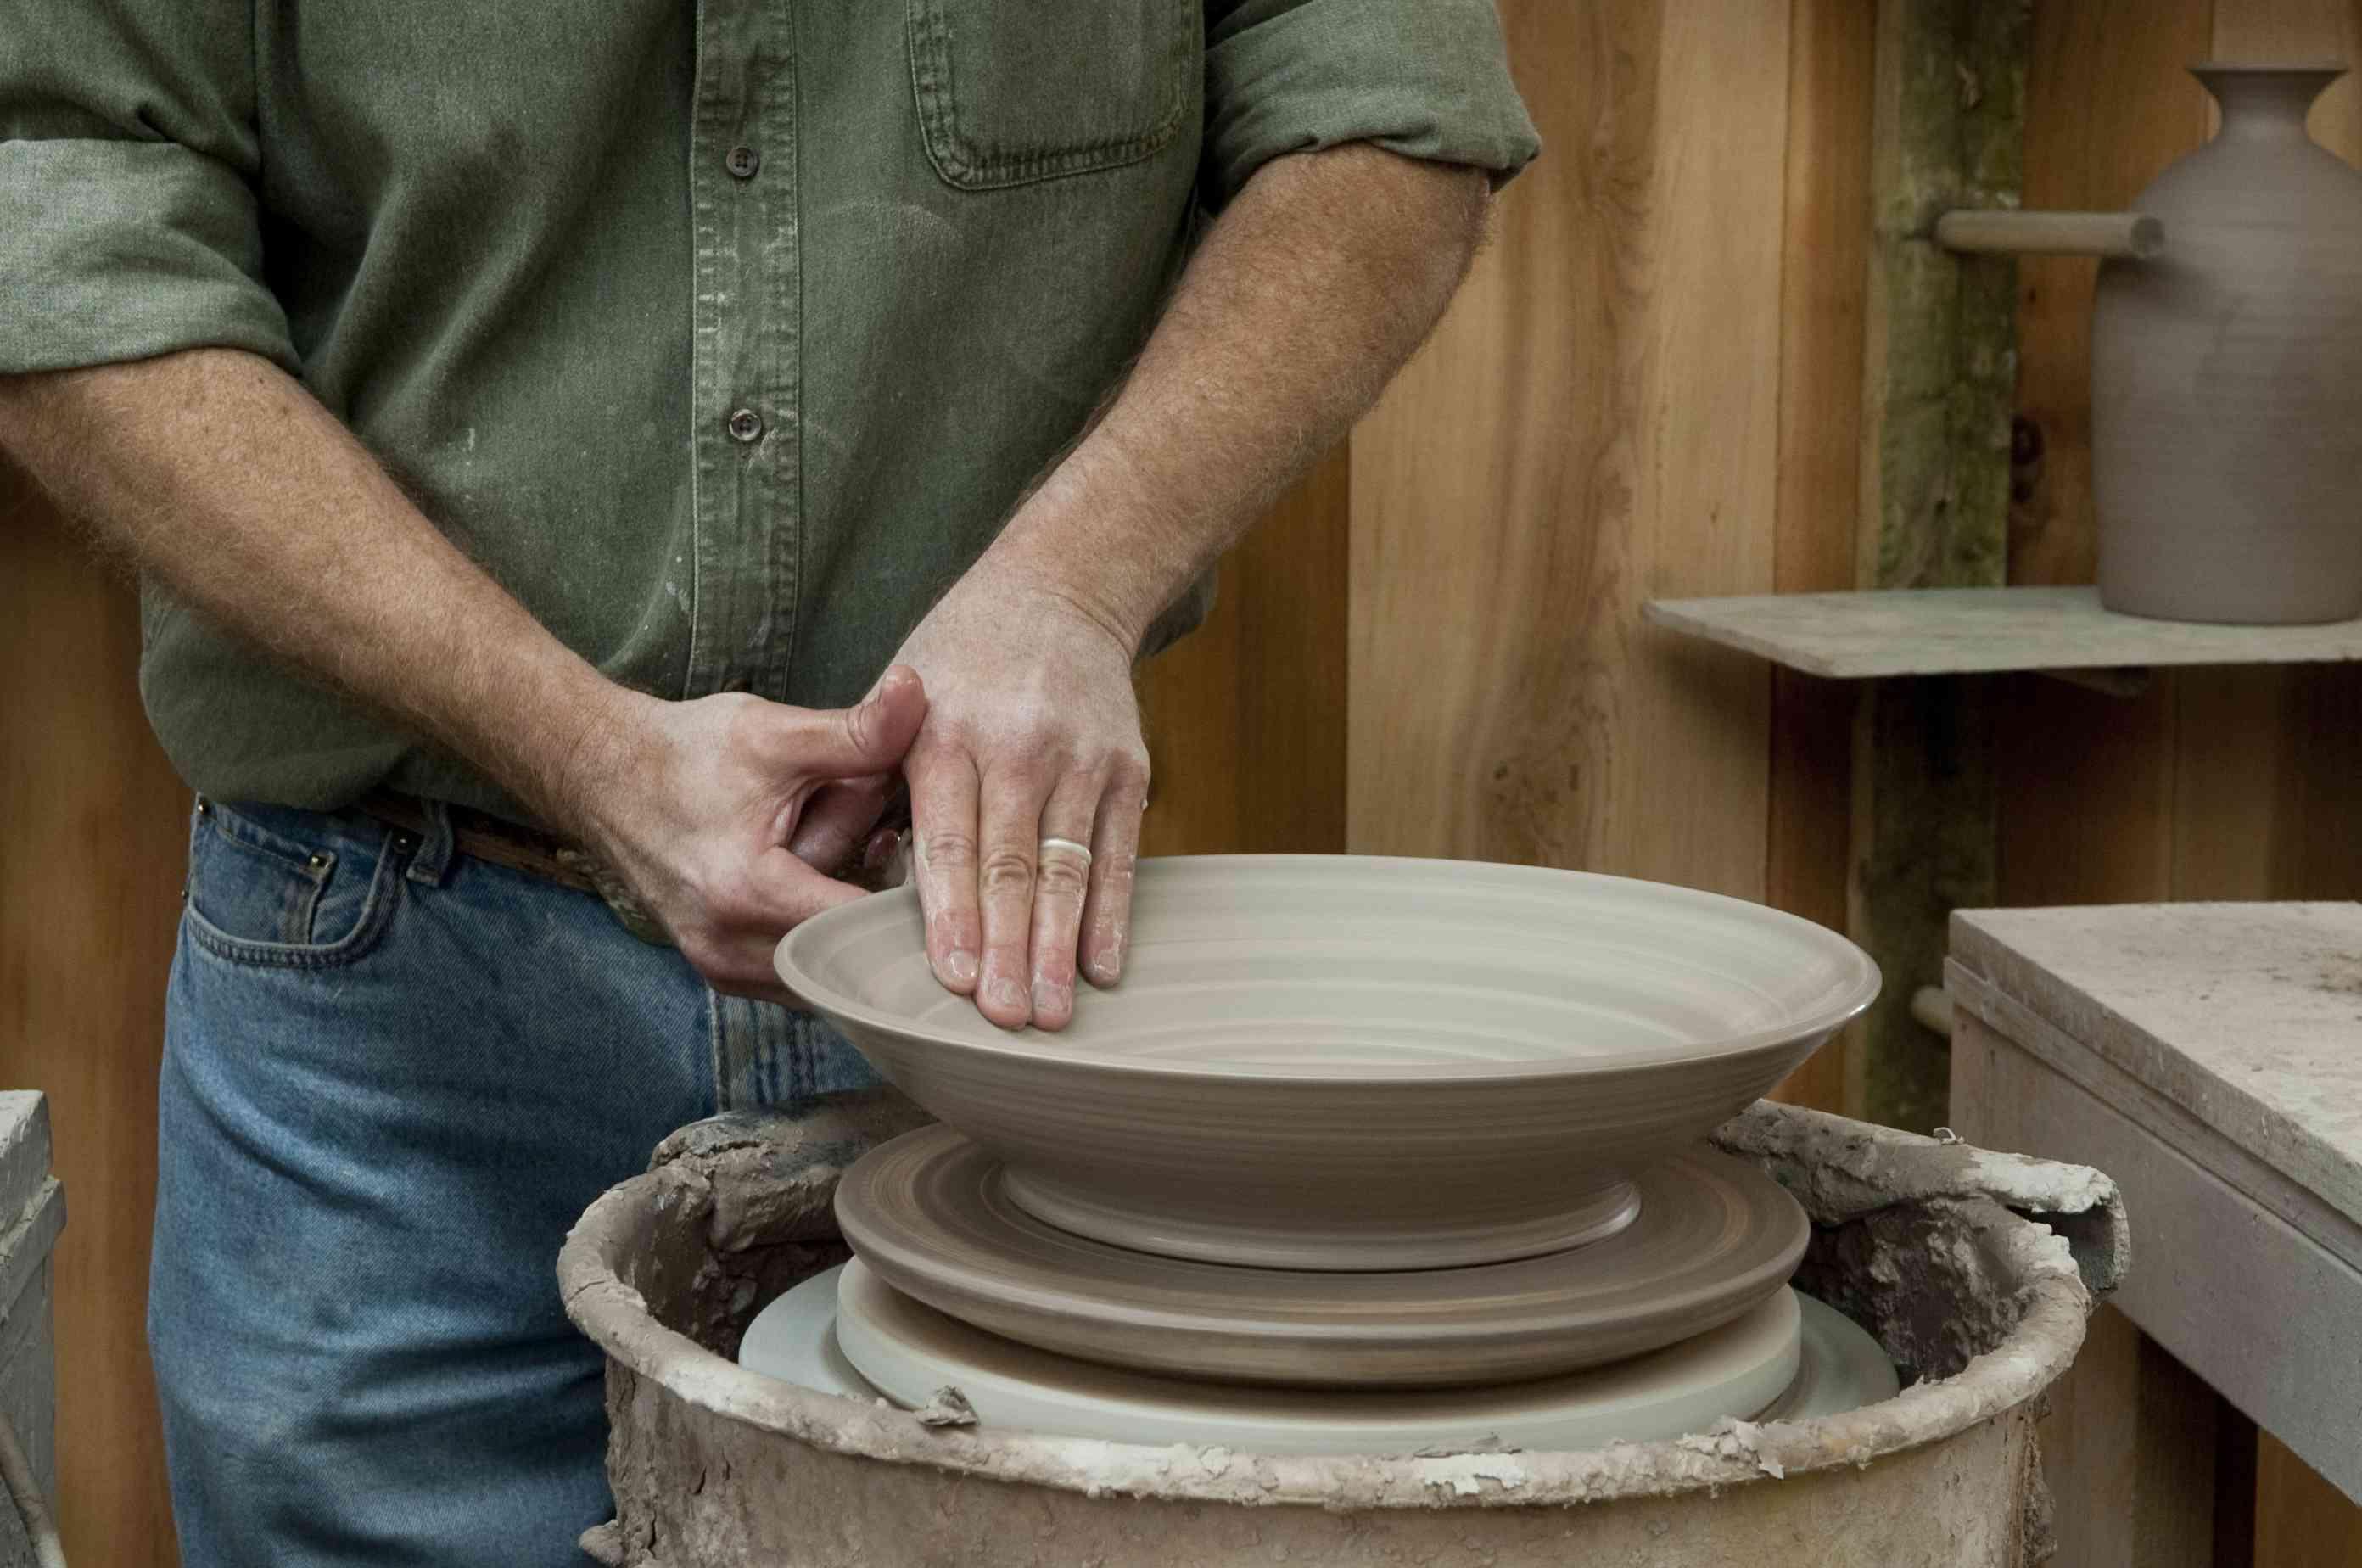 An artisan making pottery in Gatlinburg